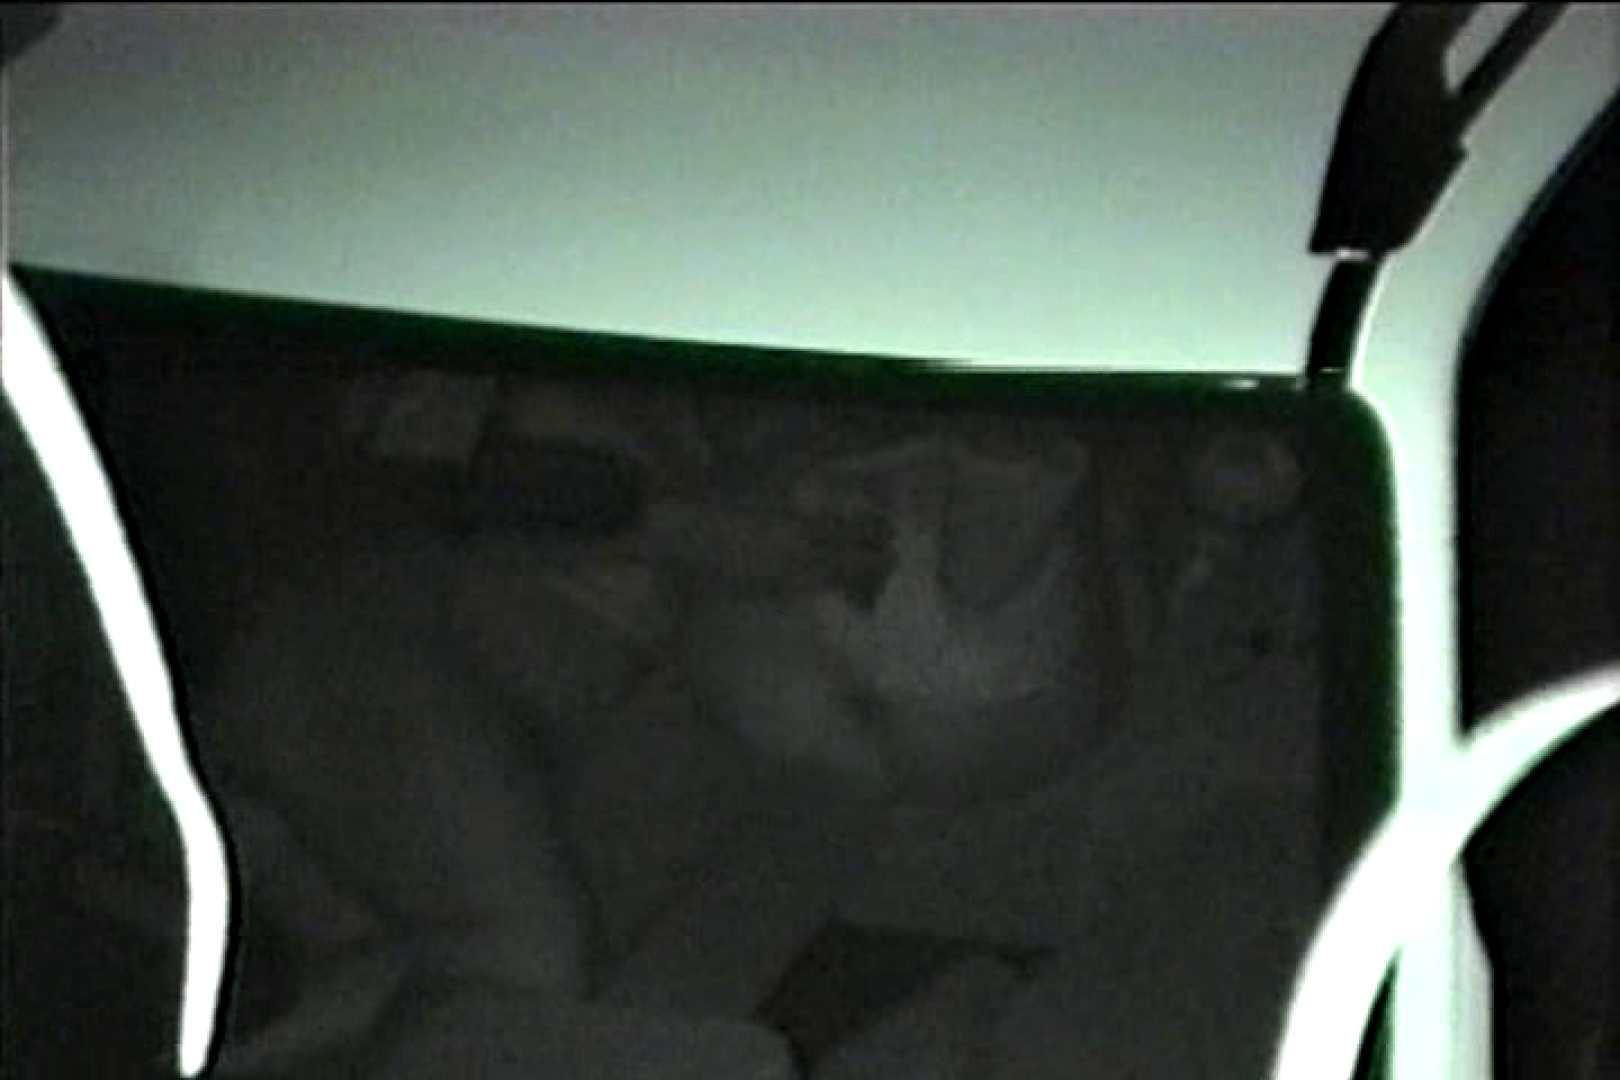 車の中はラブホテル 無修正版  Vol.7 接写 隠し撮りセックス画像 81画像 42